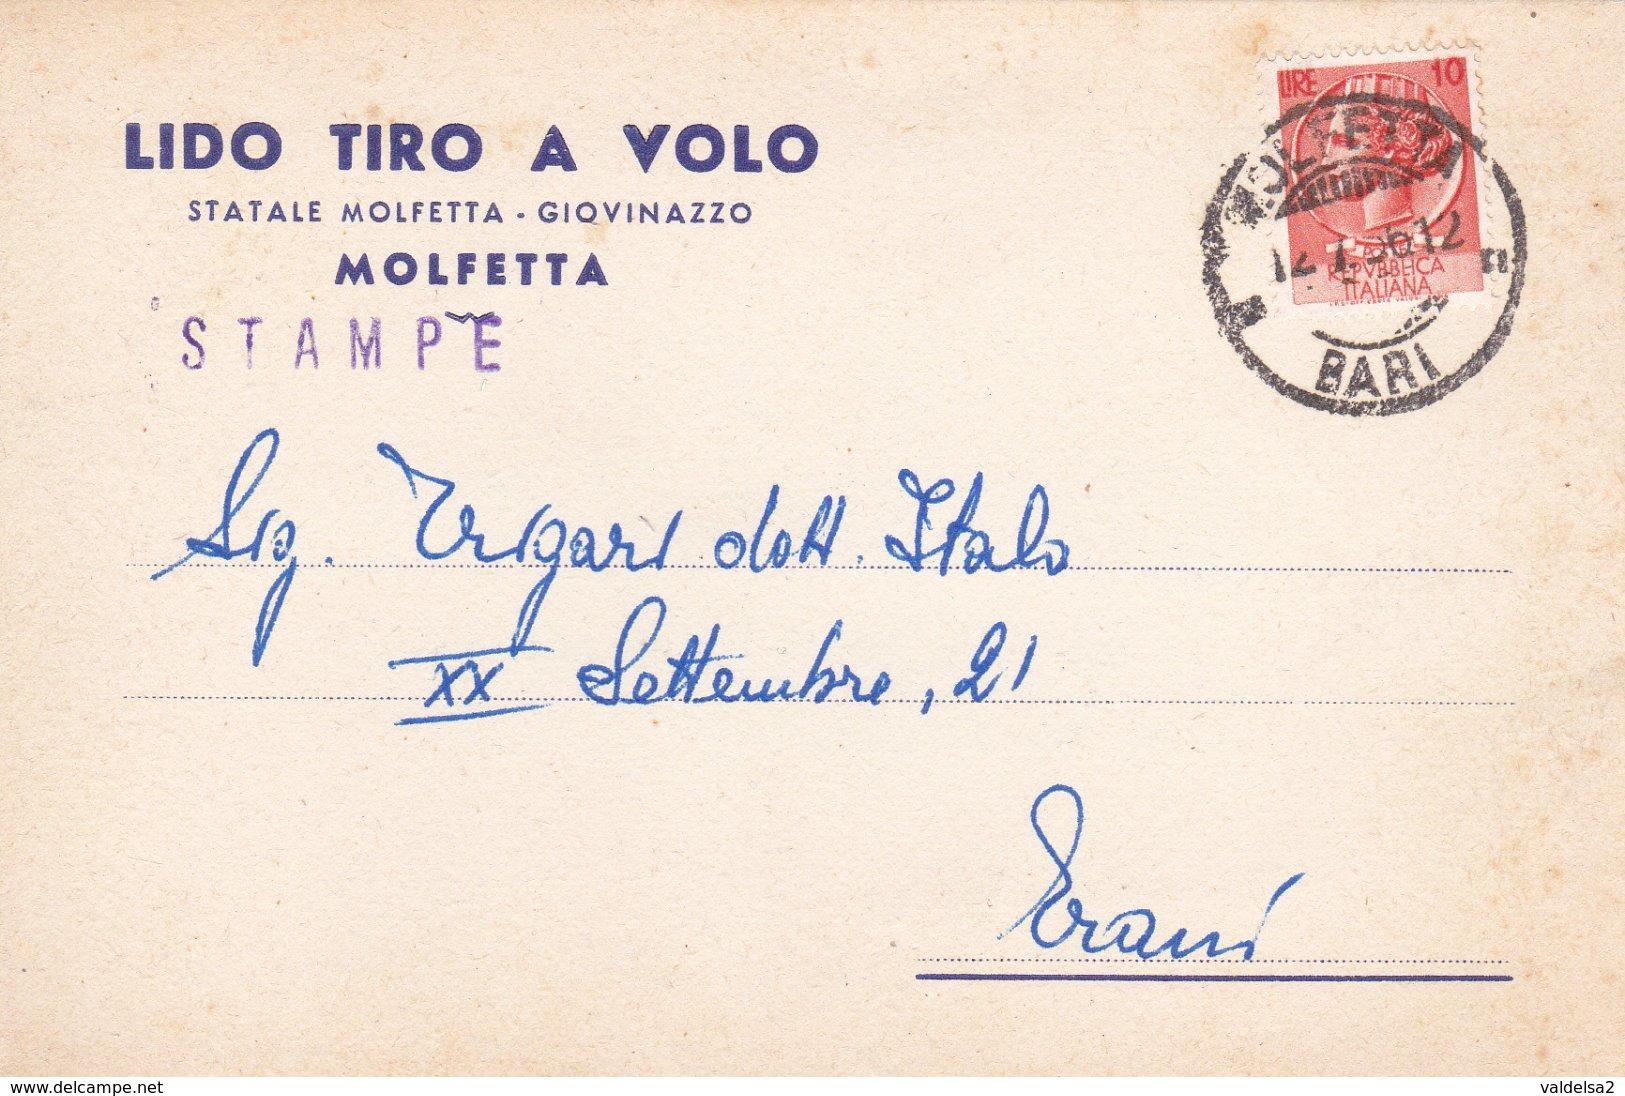 MOLFETTA - BARI - LIDO TIRO A VOLO - SERATE DANZANTI - STATALE MOLFETTA / GIOVINAZZO - 1956 - Molfetta